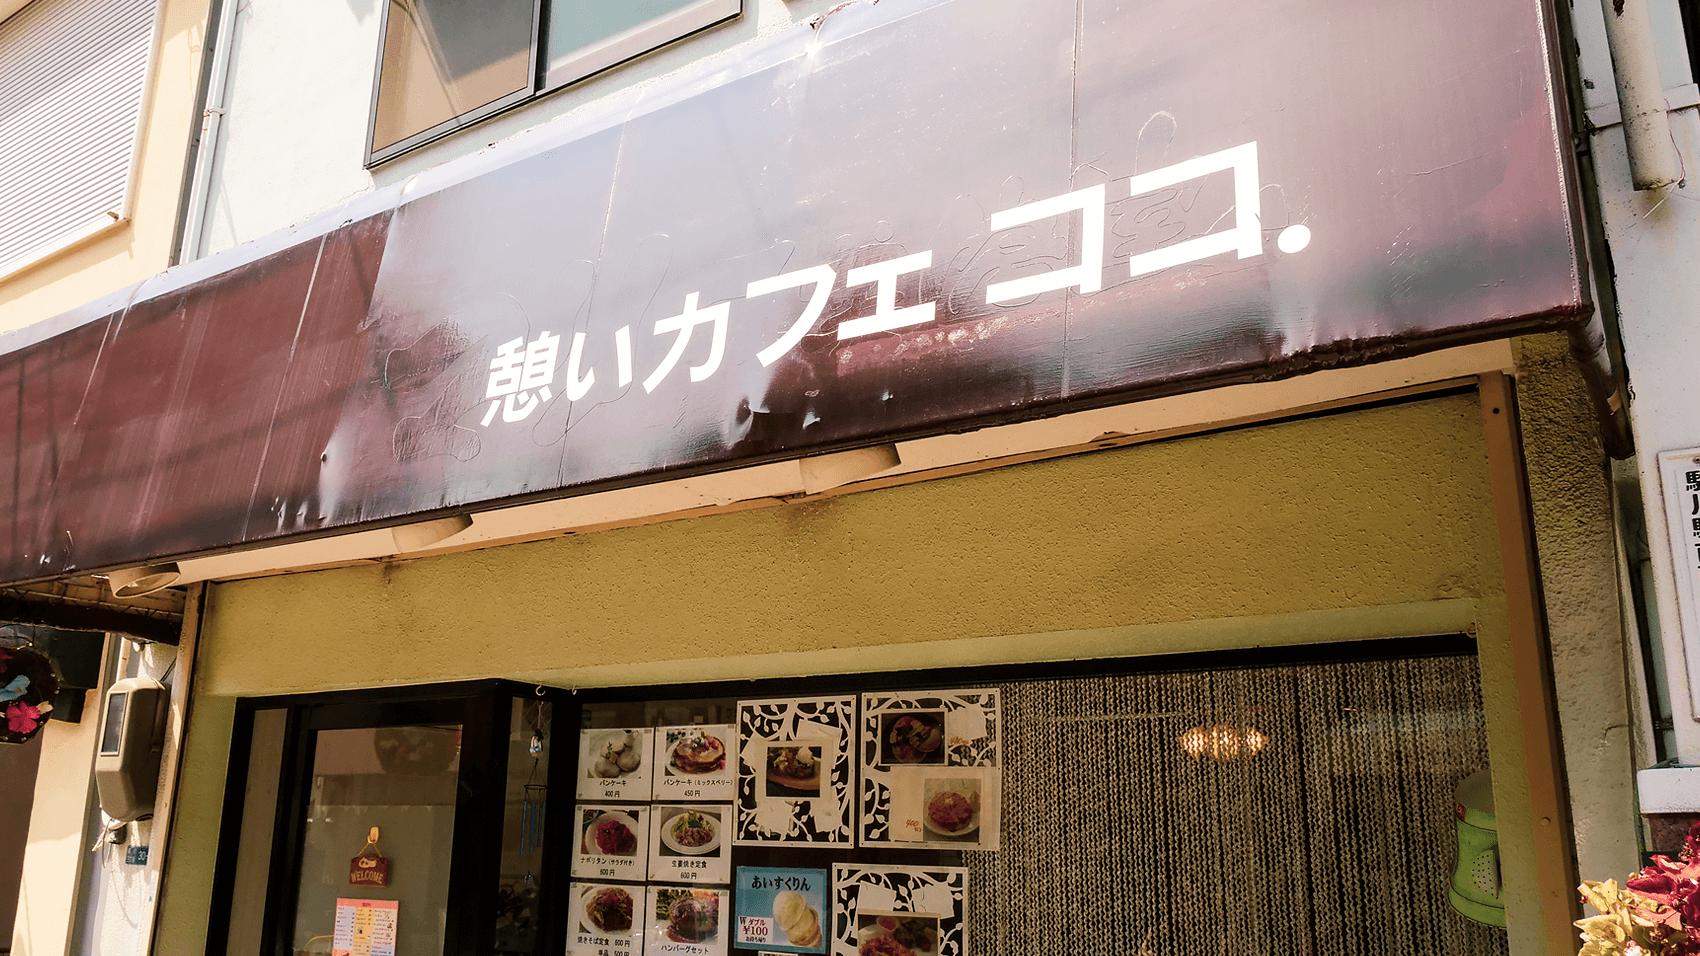 LOVELY MALLに最近できた「憩いカフェ ココ.」で朝食【モーニング案内vol.3】